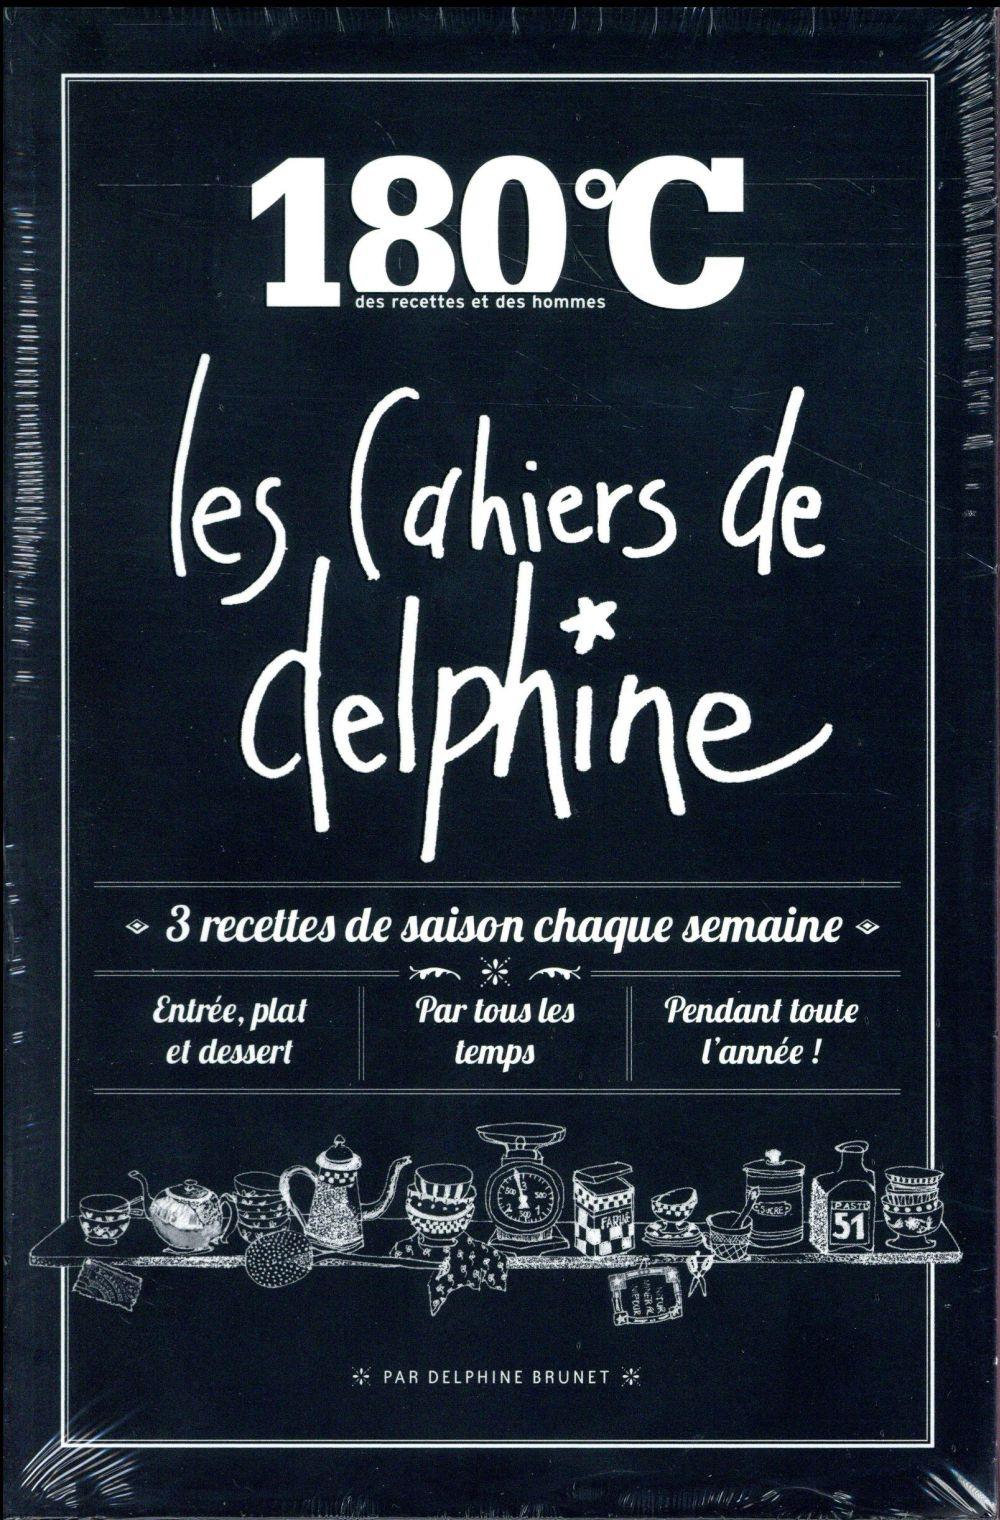 Les cahiers de Delphine